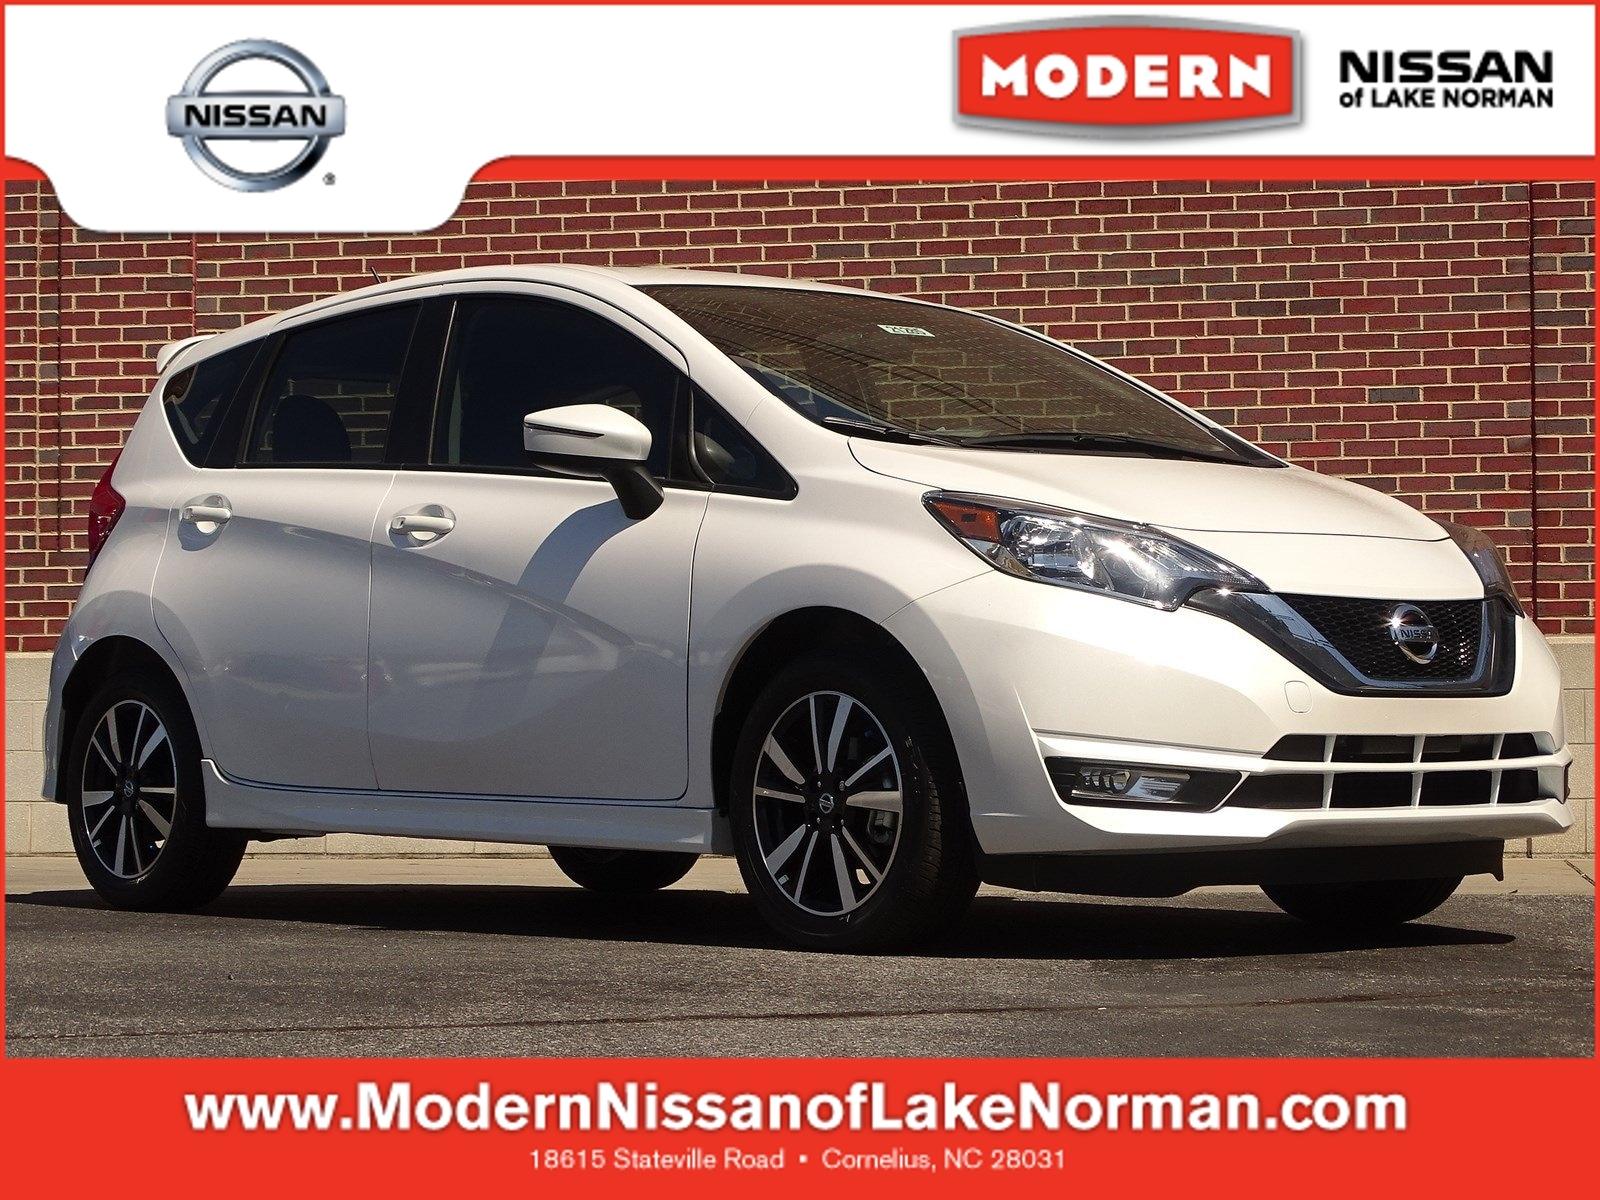 2018 Nissan Versa Note Hatchback